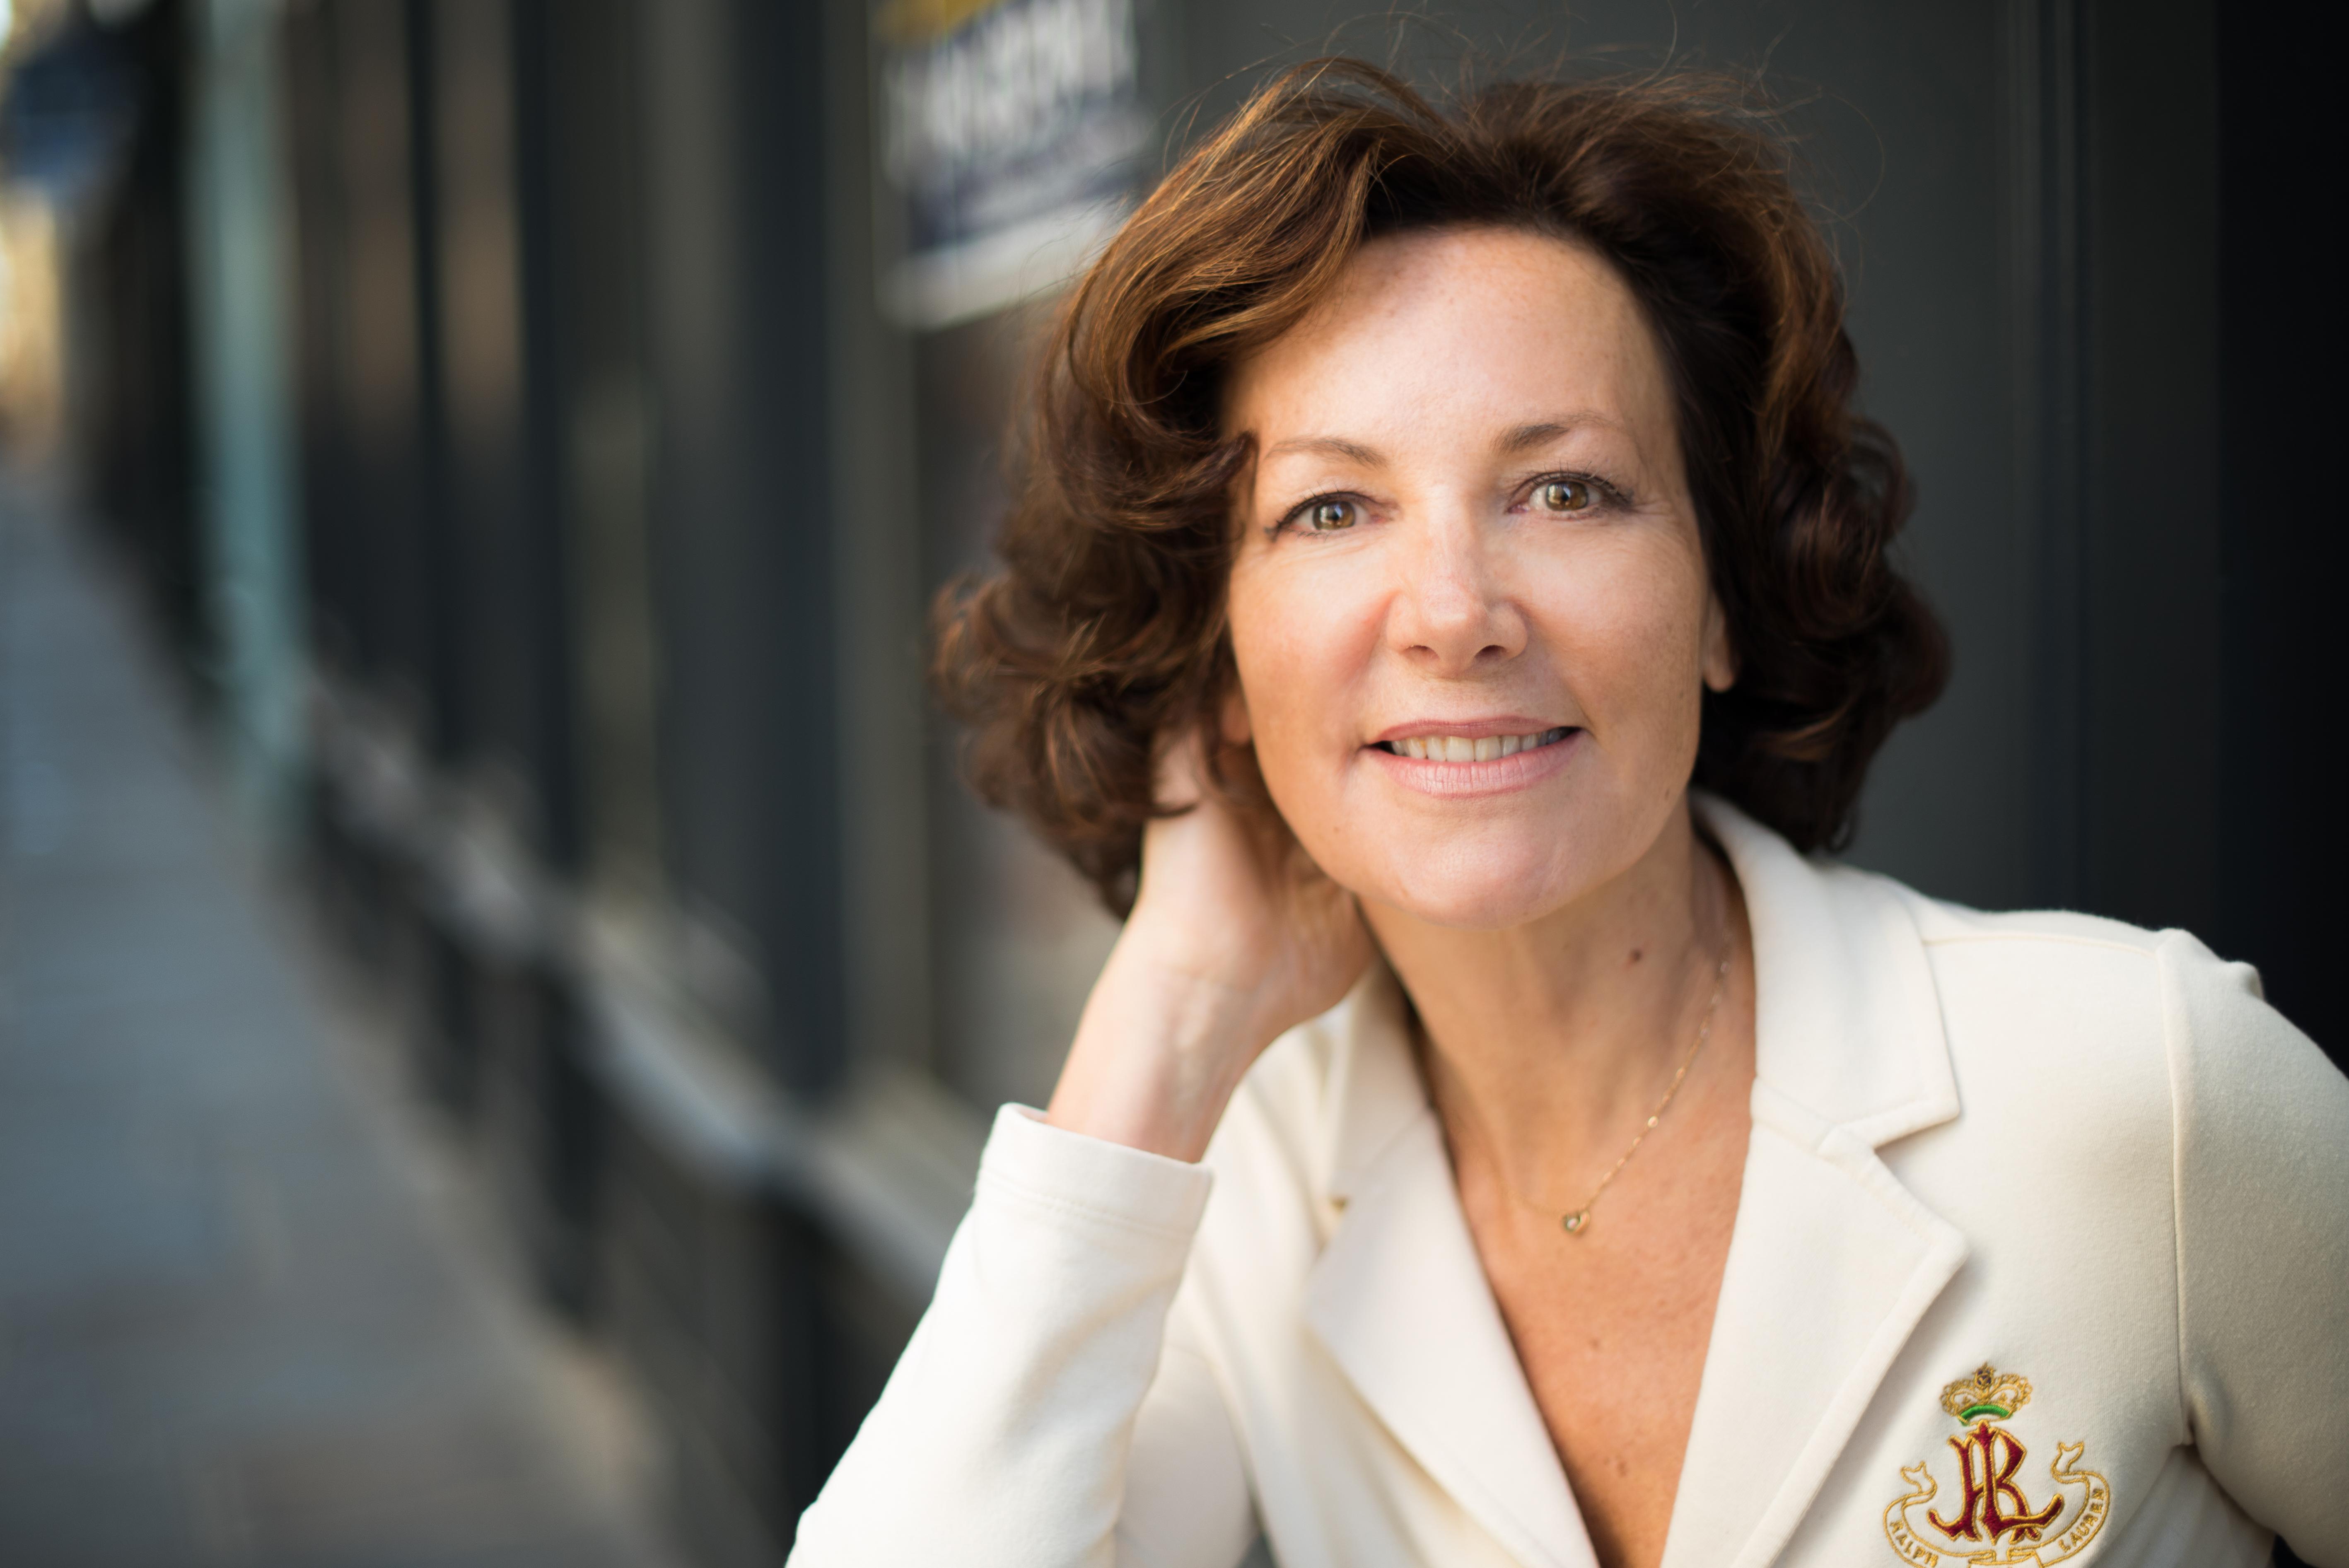 Déjeuner-débat avec Stéphanie des Horts :les Soeurs Livanos